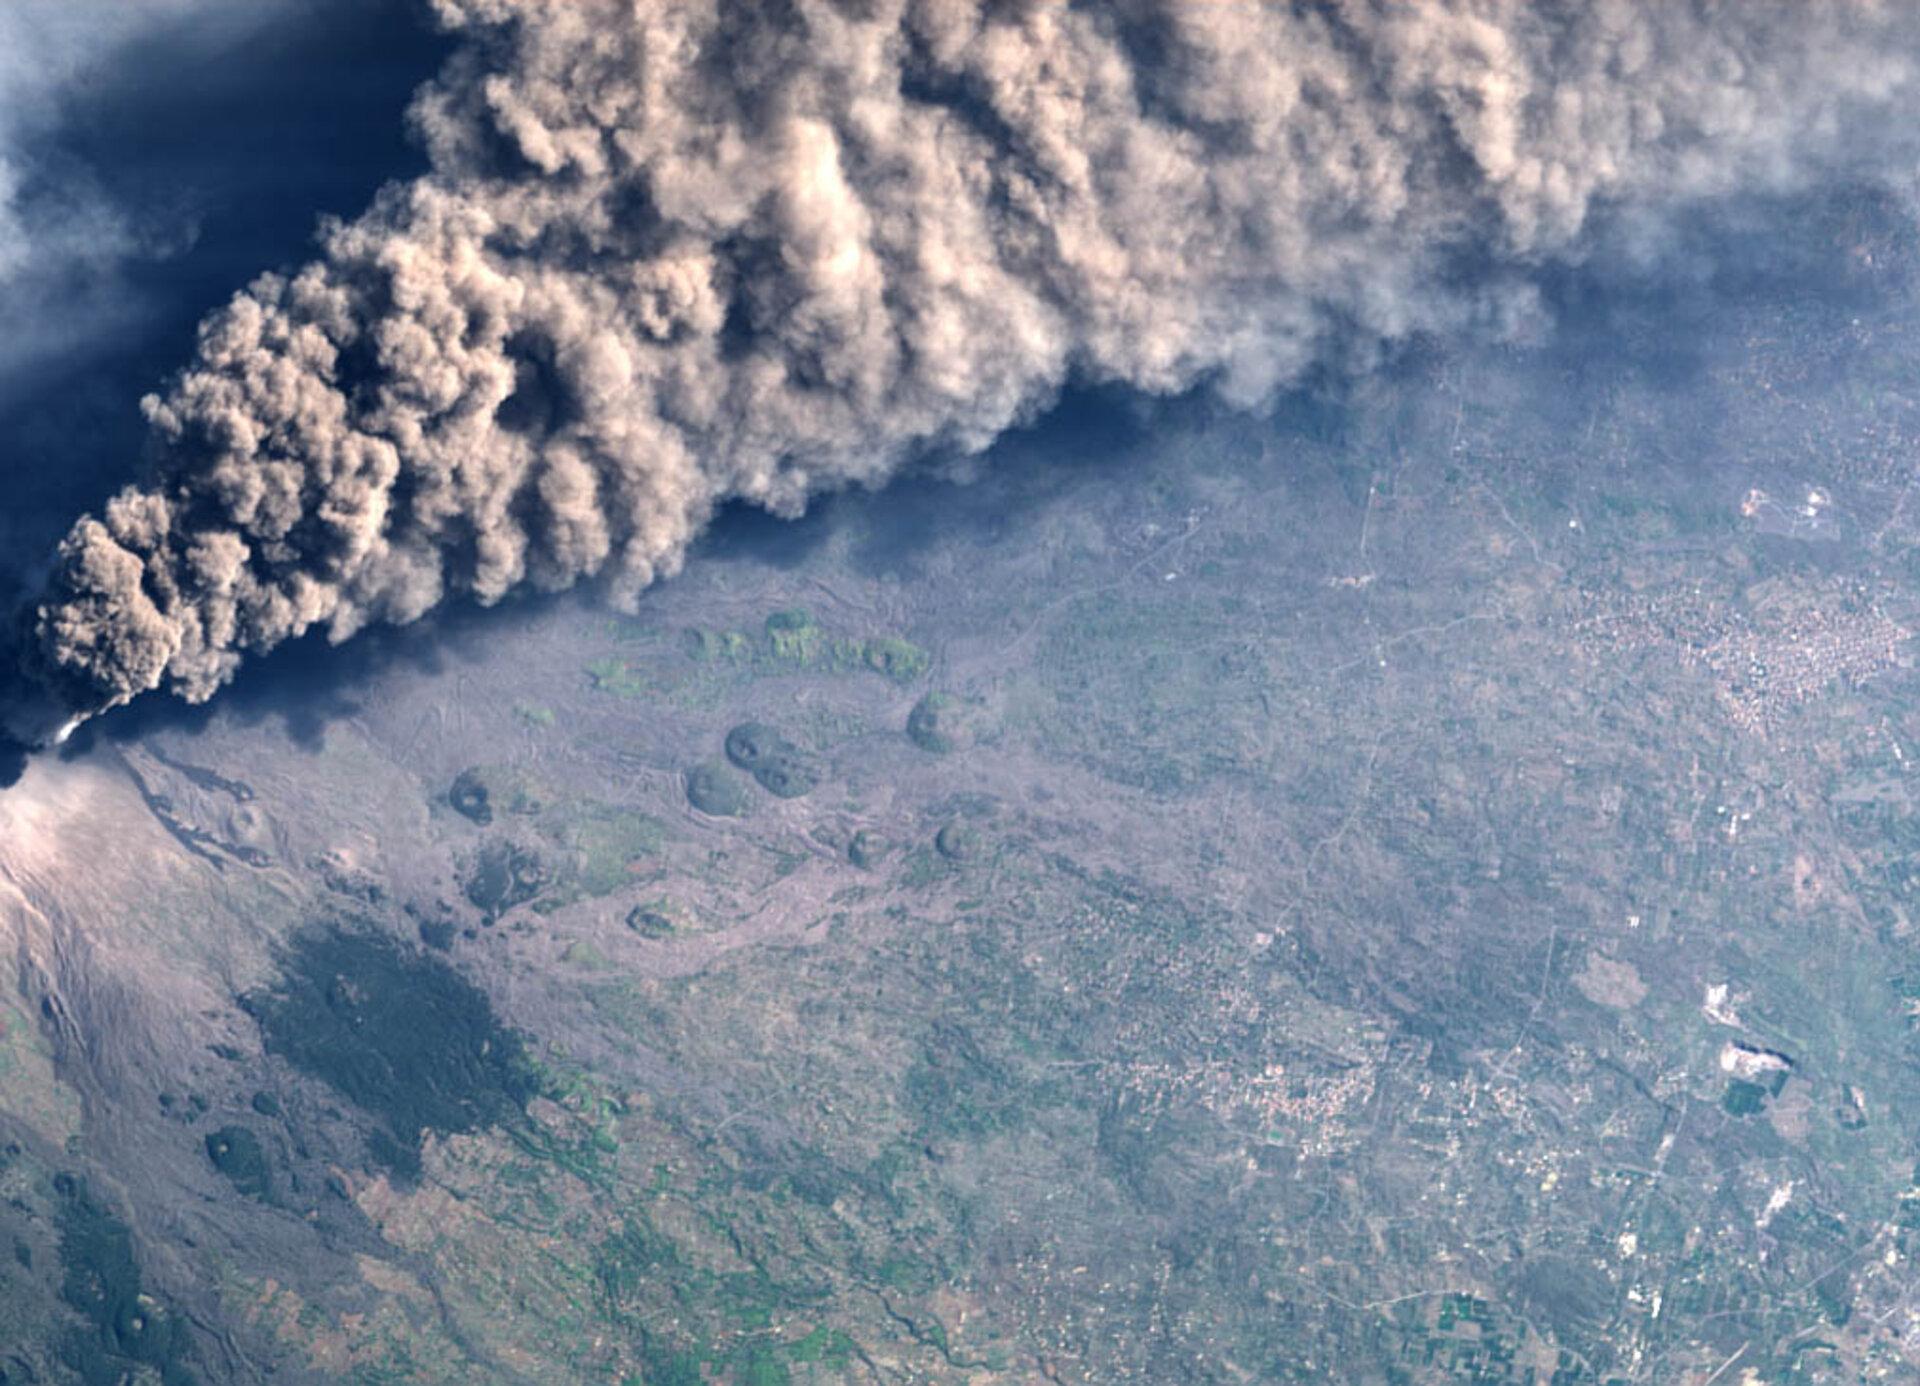 vulkanen Etna Carbon dating mest populära homosexuella dejtingsajter i Indien